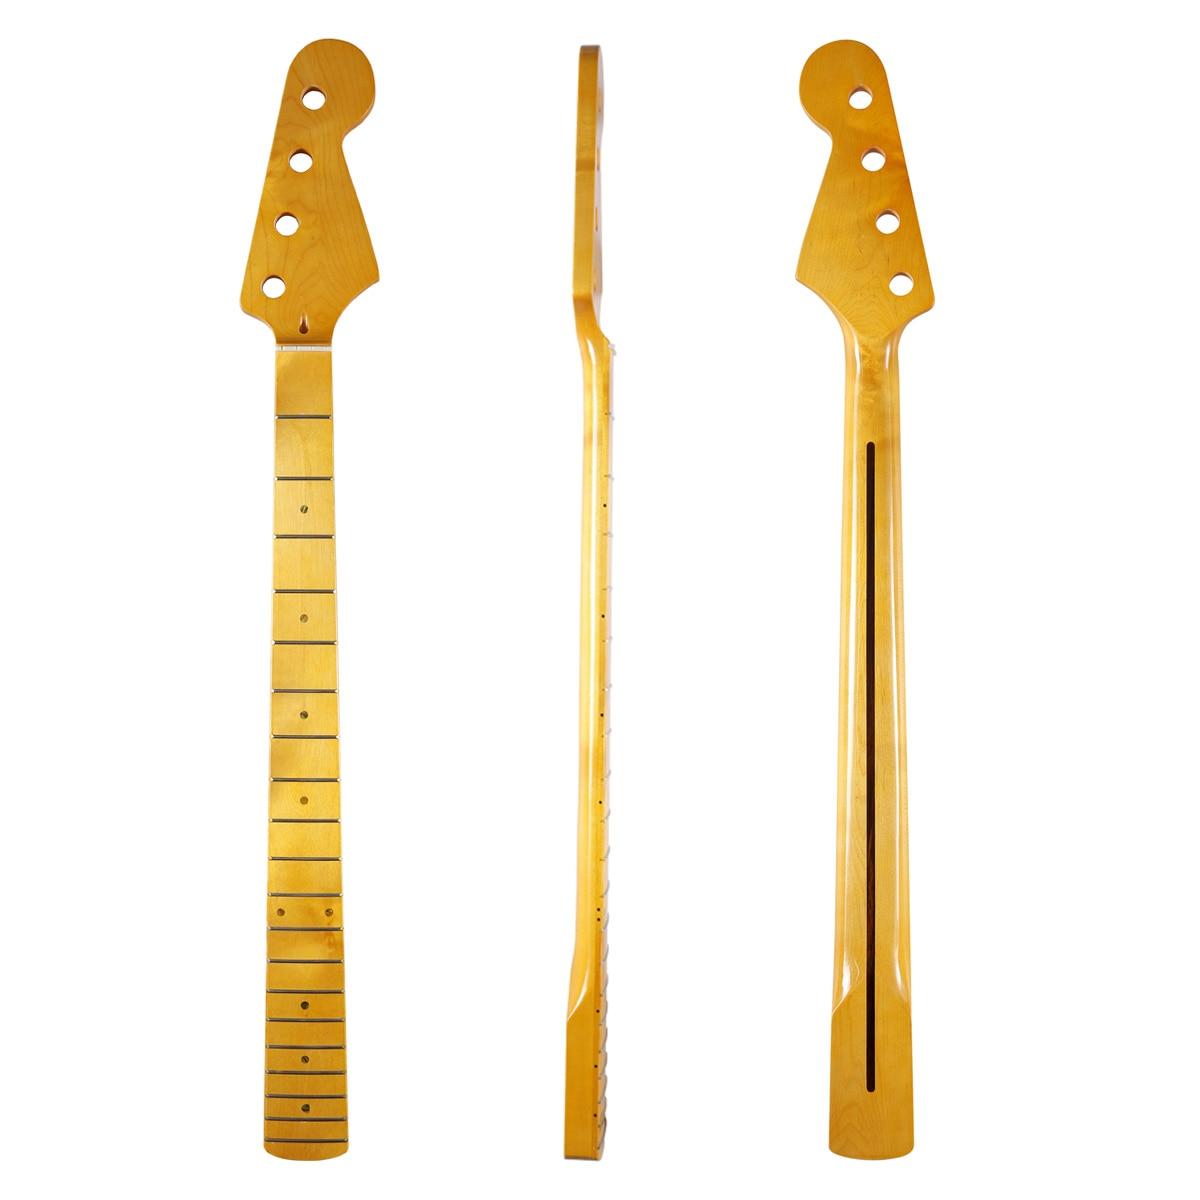 KAISH 20 Frette 4 Chaîne P Basse Guitare manche en Érable Canadien avec Nacre Inlay et Os Écrou pour Précision basse